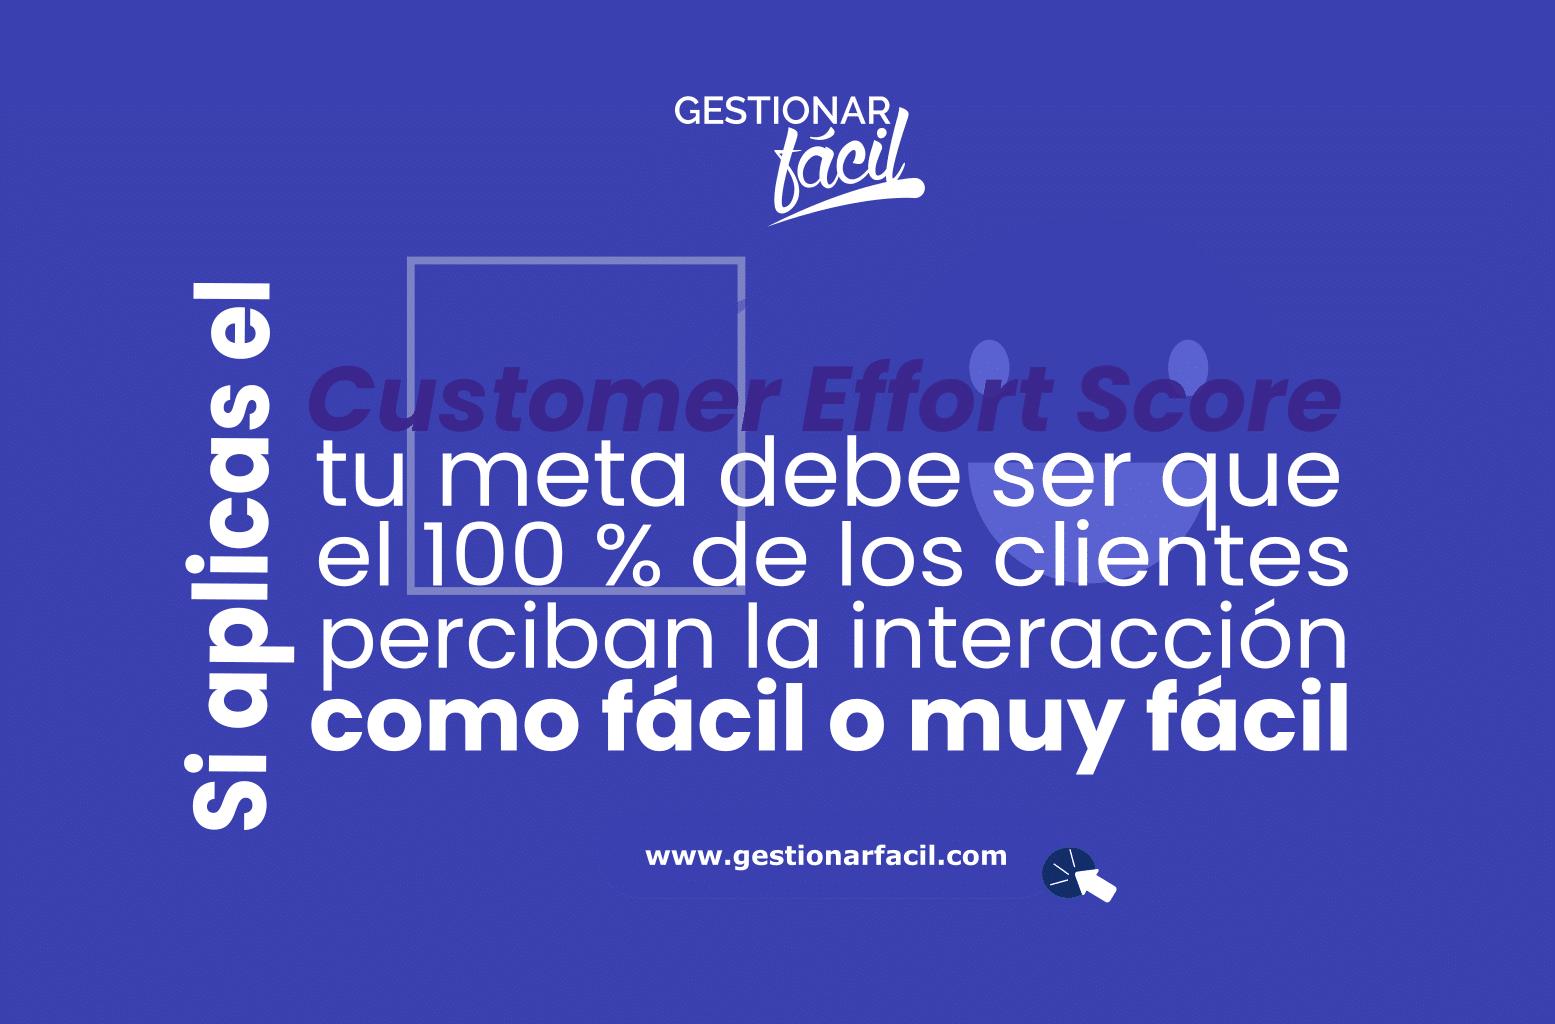 """Si aplicas el Customer Effort Score tu meta debe ser que el 100 % de los clientes perciban la interacción como """"fácil o muy fácil""""."""